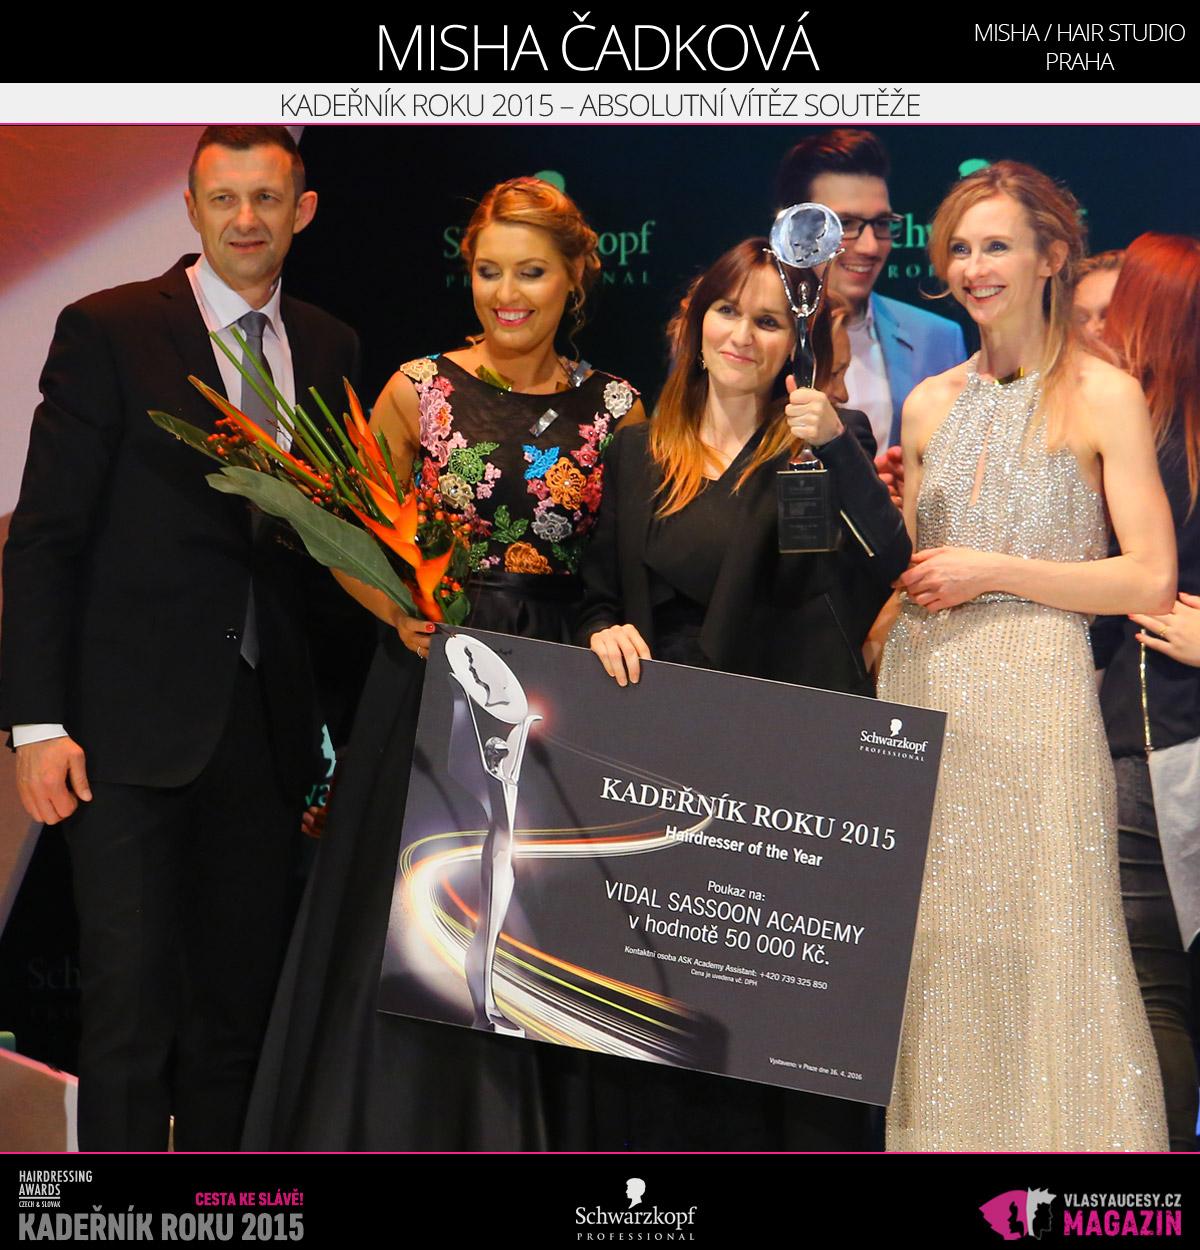 Kadeřníkem roku 2015, tedy absolutním vítězem Czech and Slovak Hairdressing Awards 2015, je Misha Čadková z Misha / hair studio Praha.